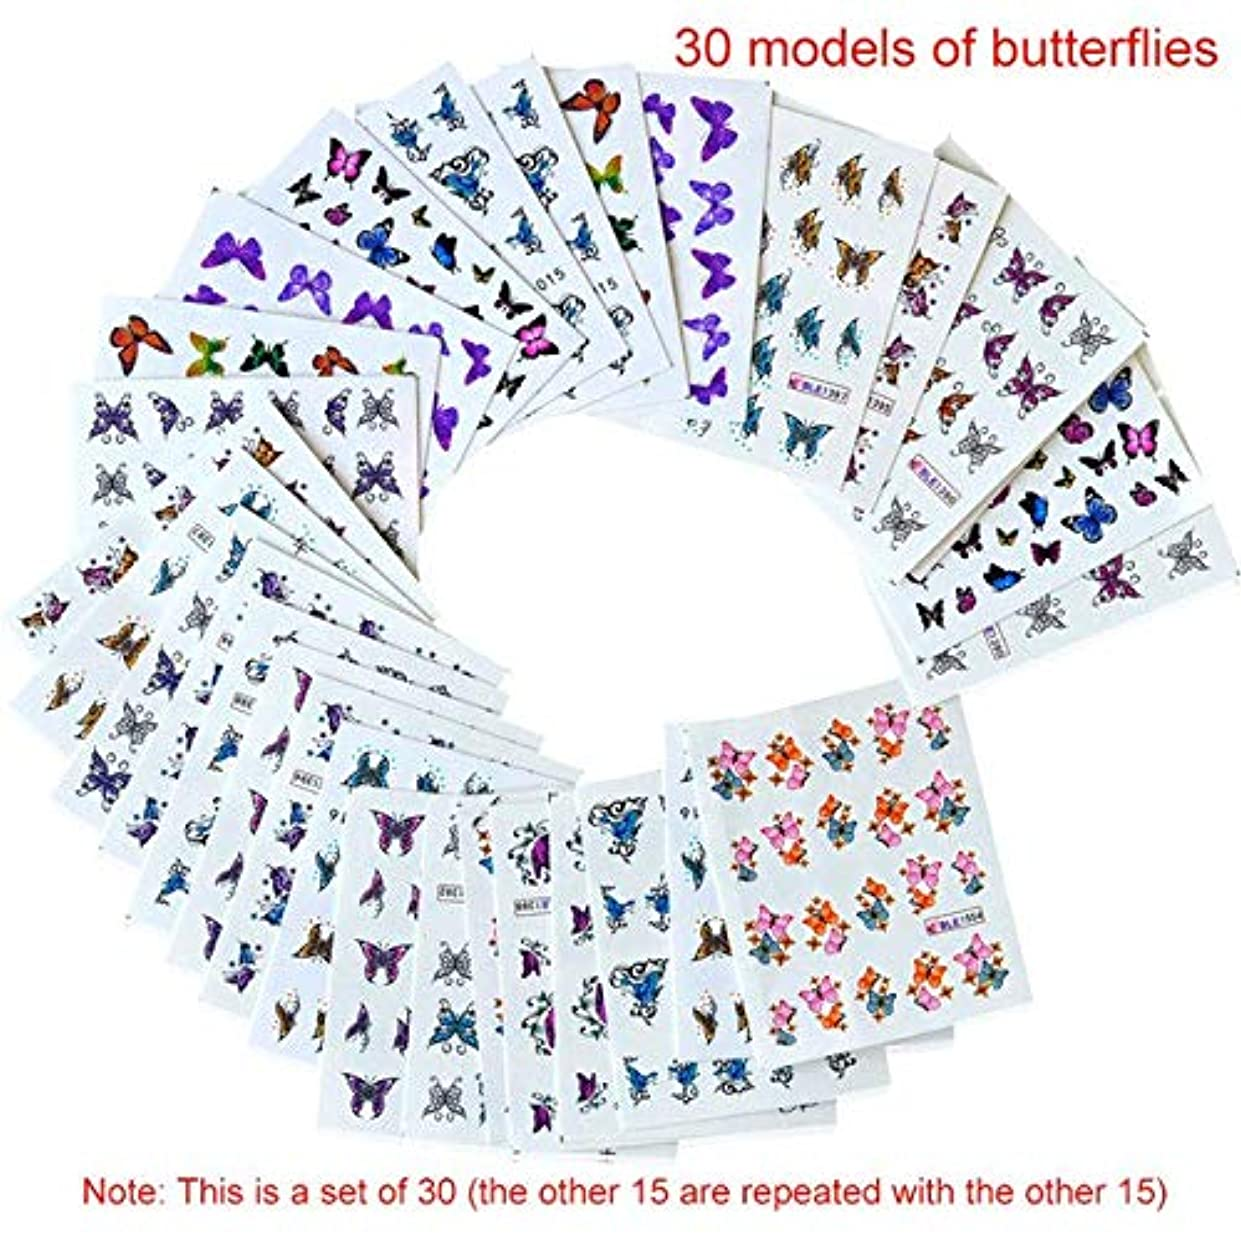 定規ファンシーはぁSUKTI&XIAO ネイルステッカー 釘の透かしのステッカー30の多彩なダンスの女性の泡移動のアップリケ